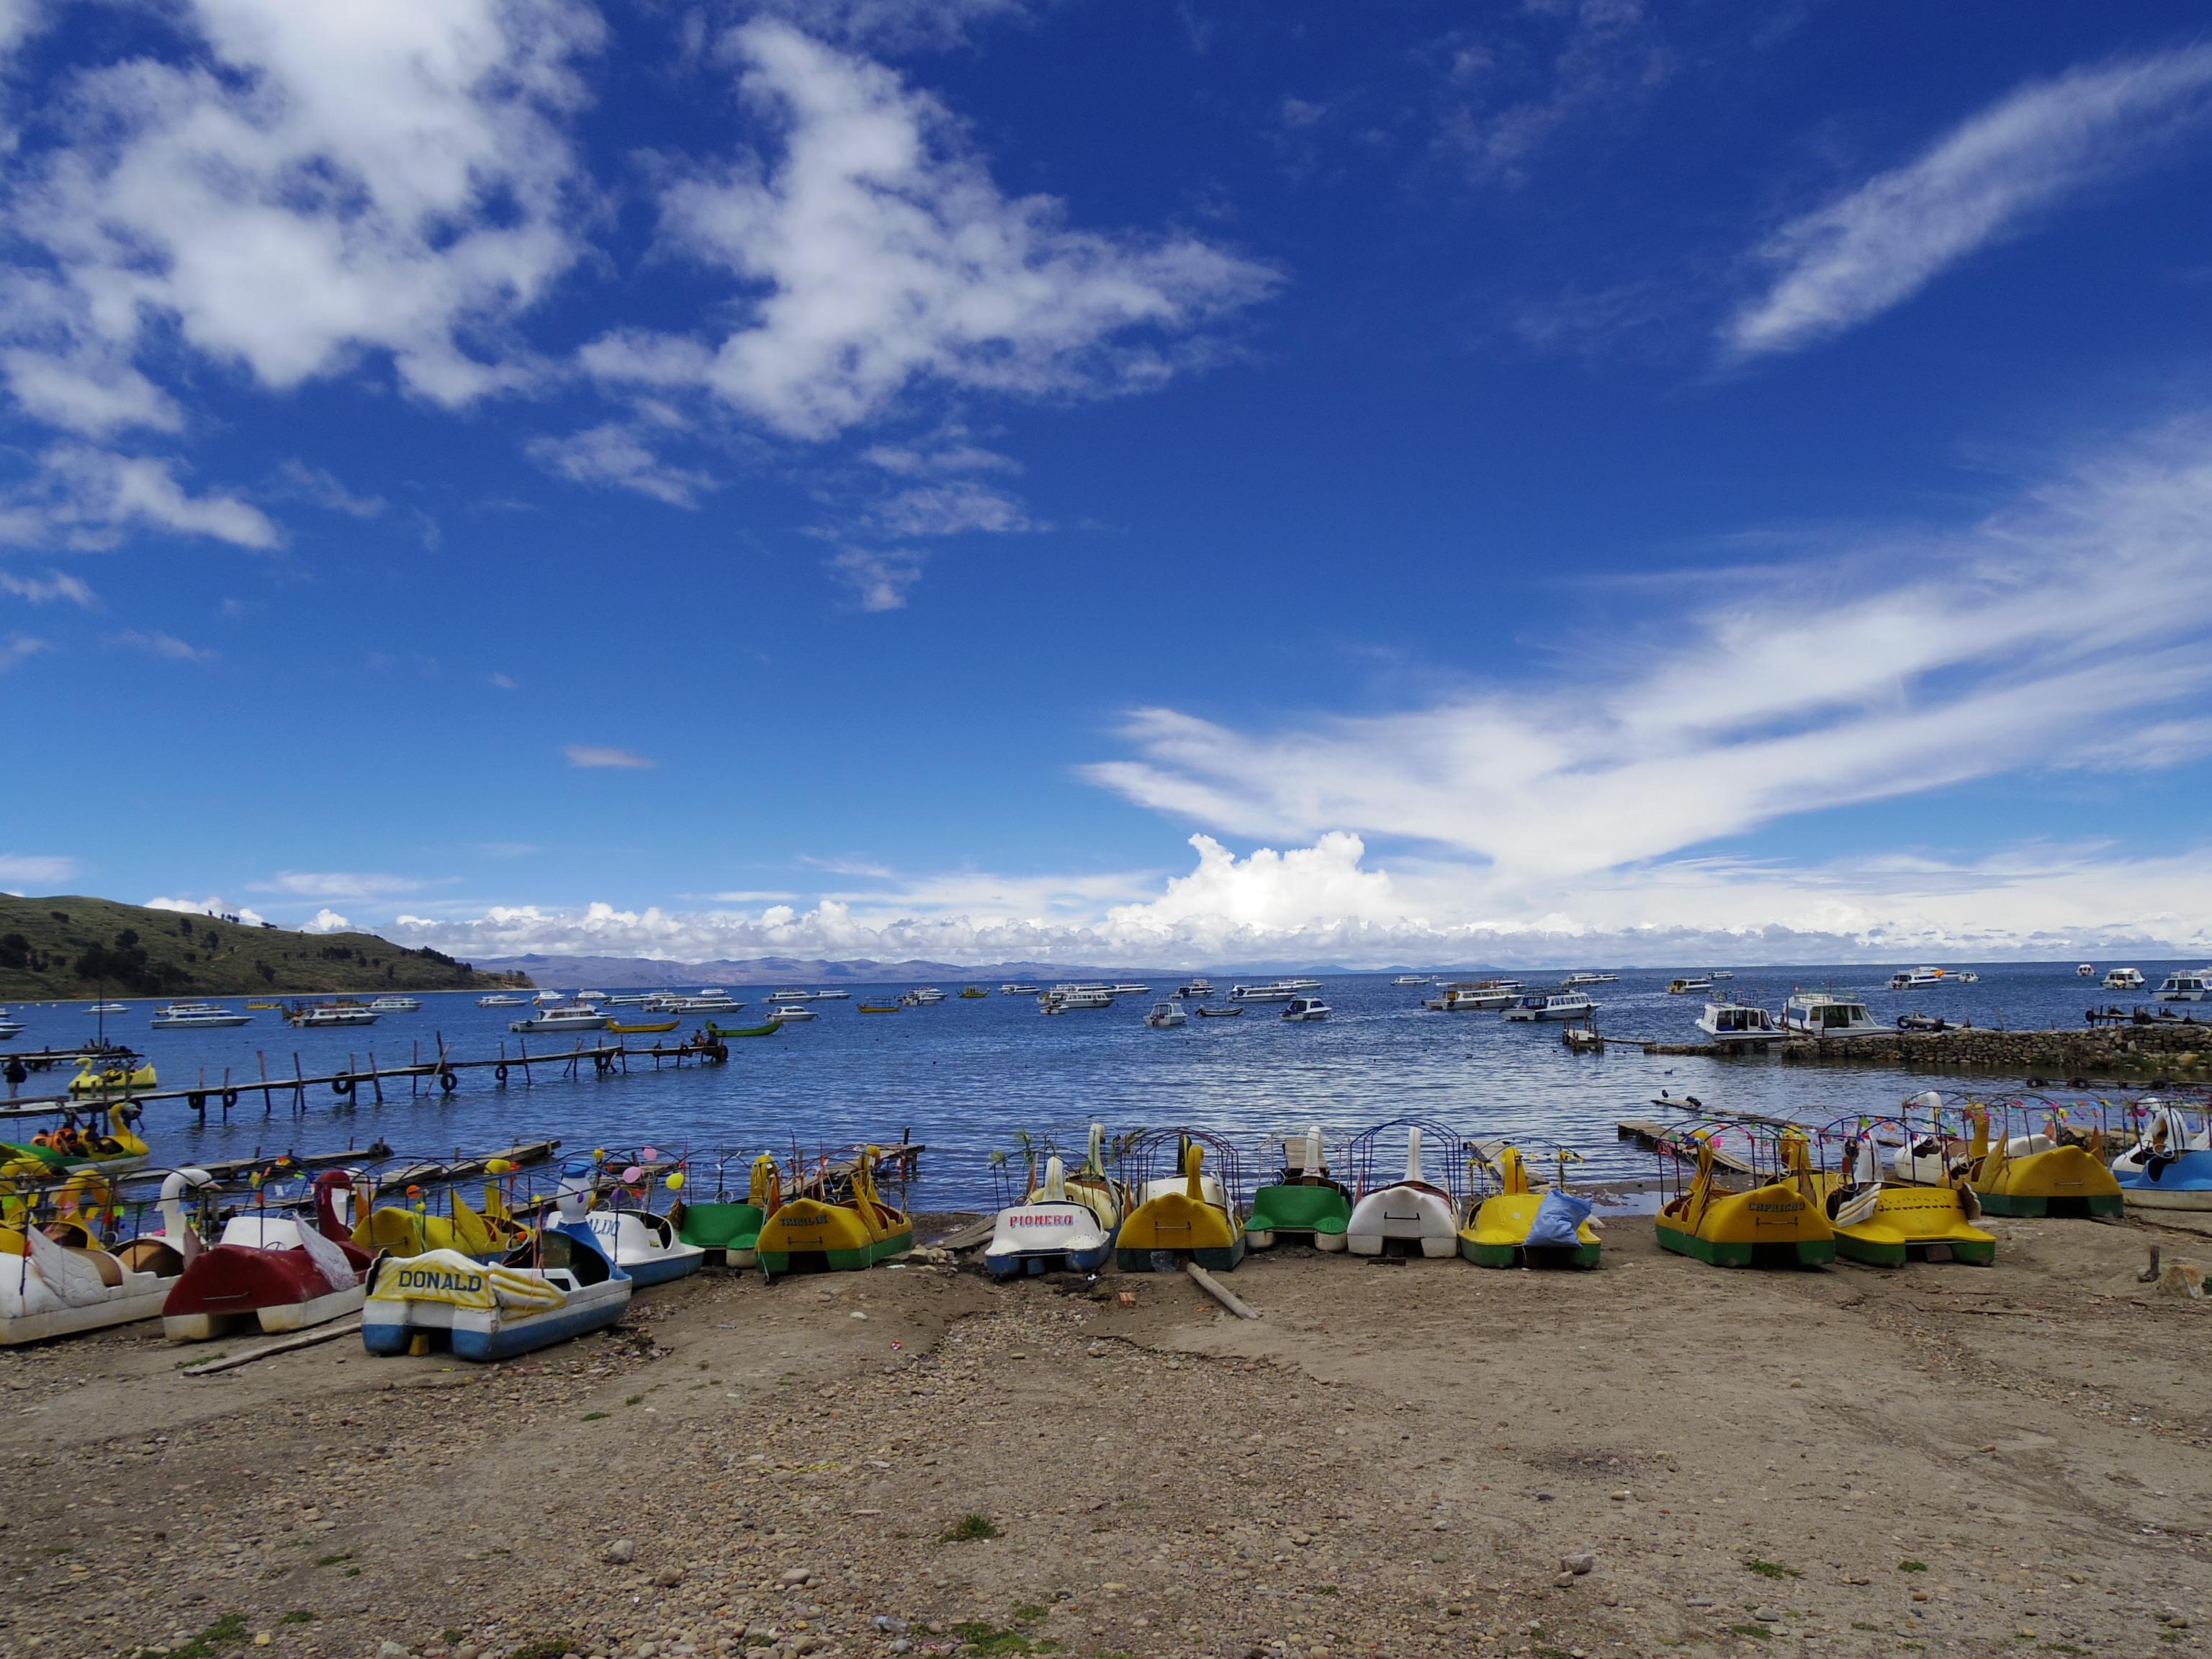 ペルーのプーノからボリビアのラパス経由でウユニへ。24時間バス移動。その2。